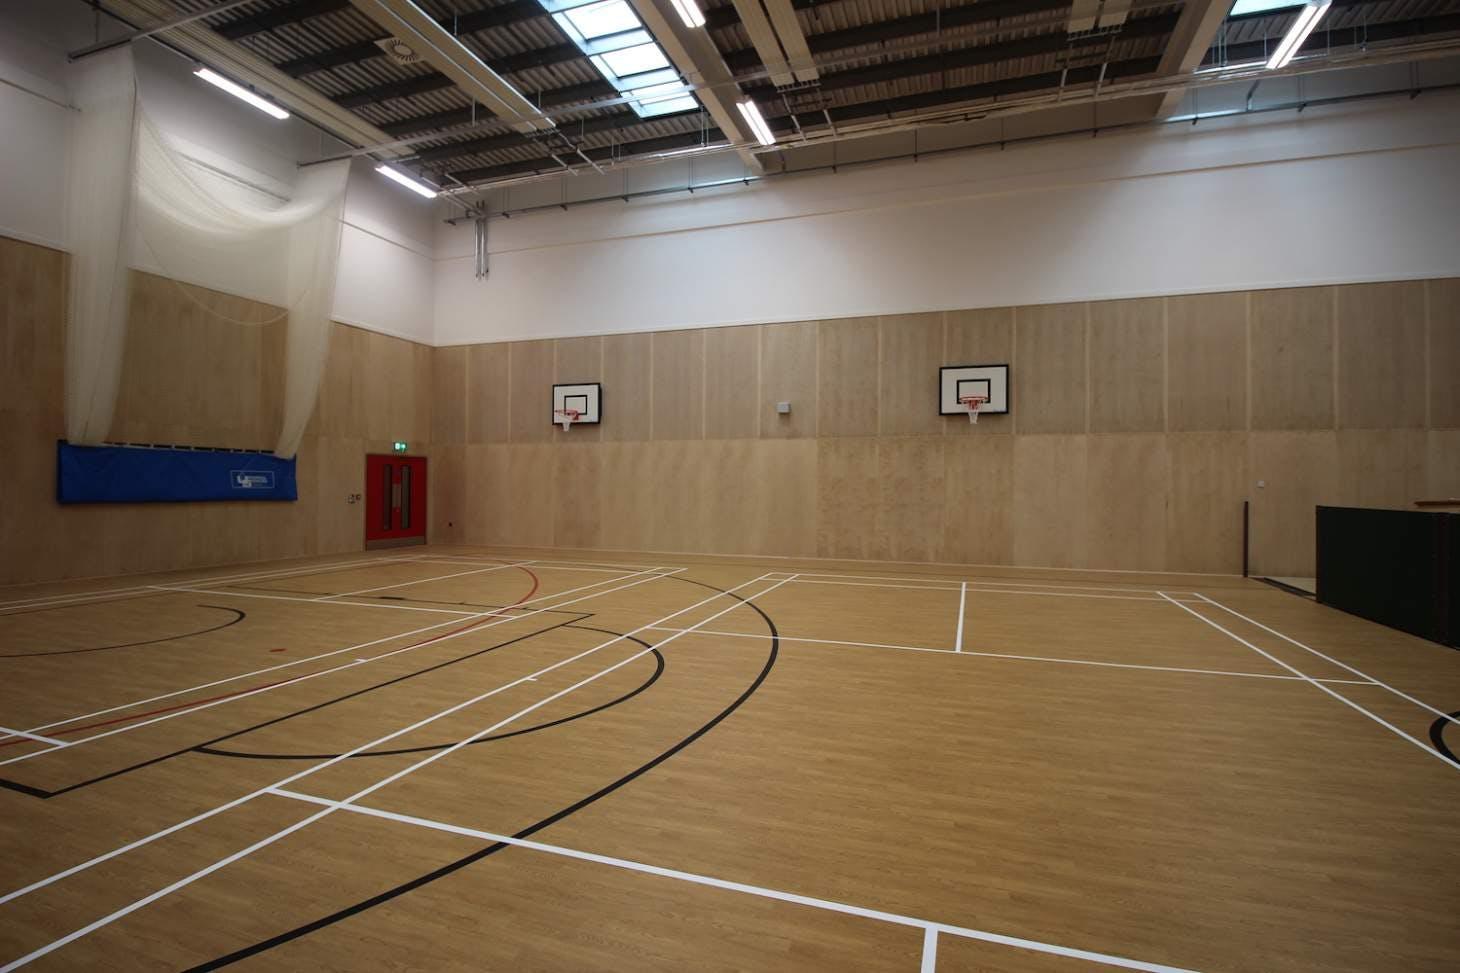 Ark Pioneer Academy Indoor badminton court